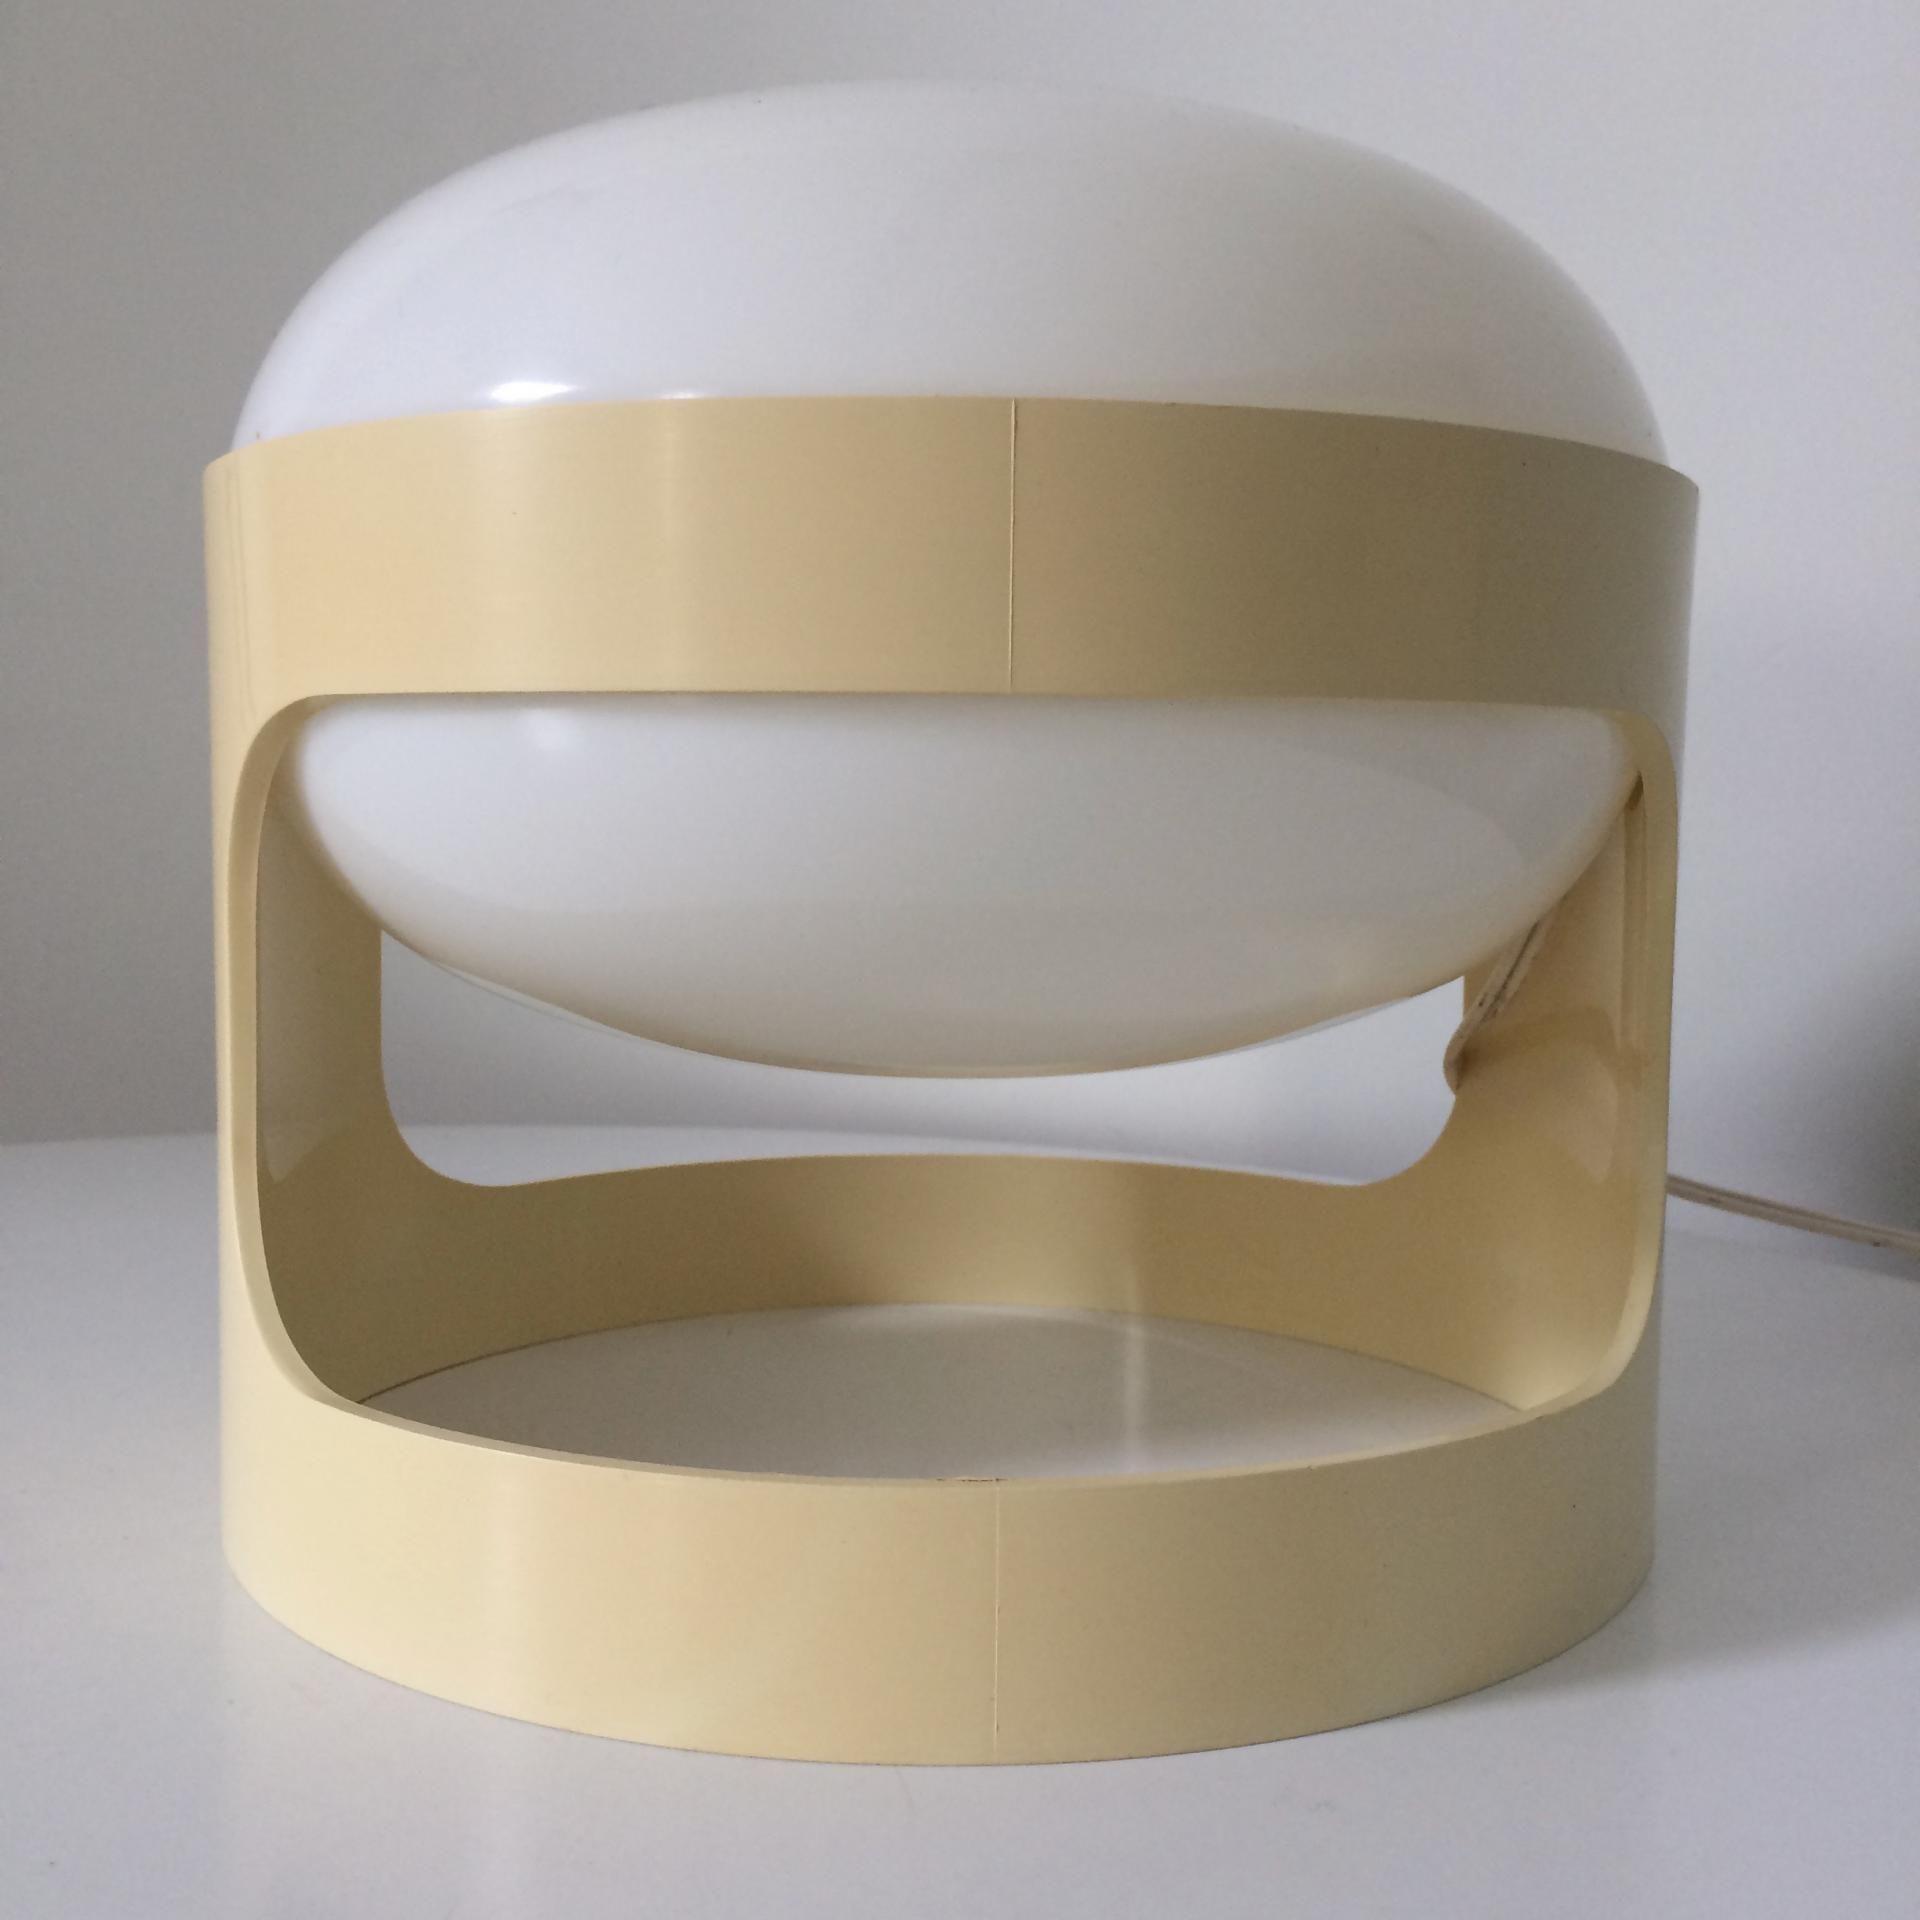 Lamp KD27 J.Colombo Kartell 1967 | Lamp, Idées pour la